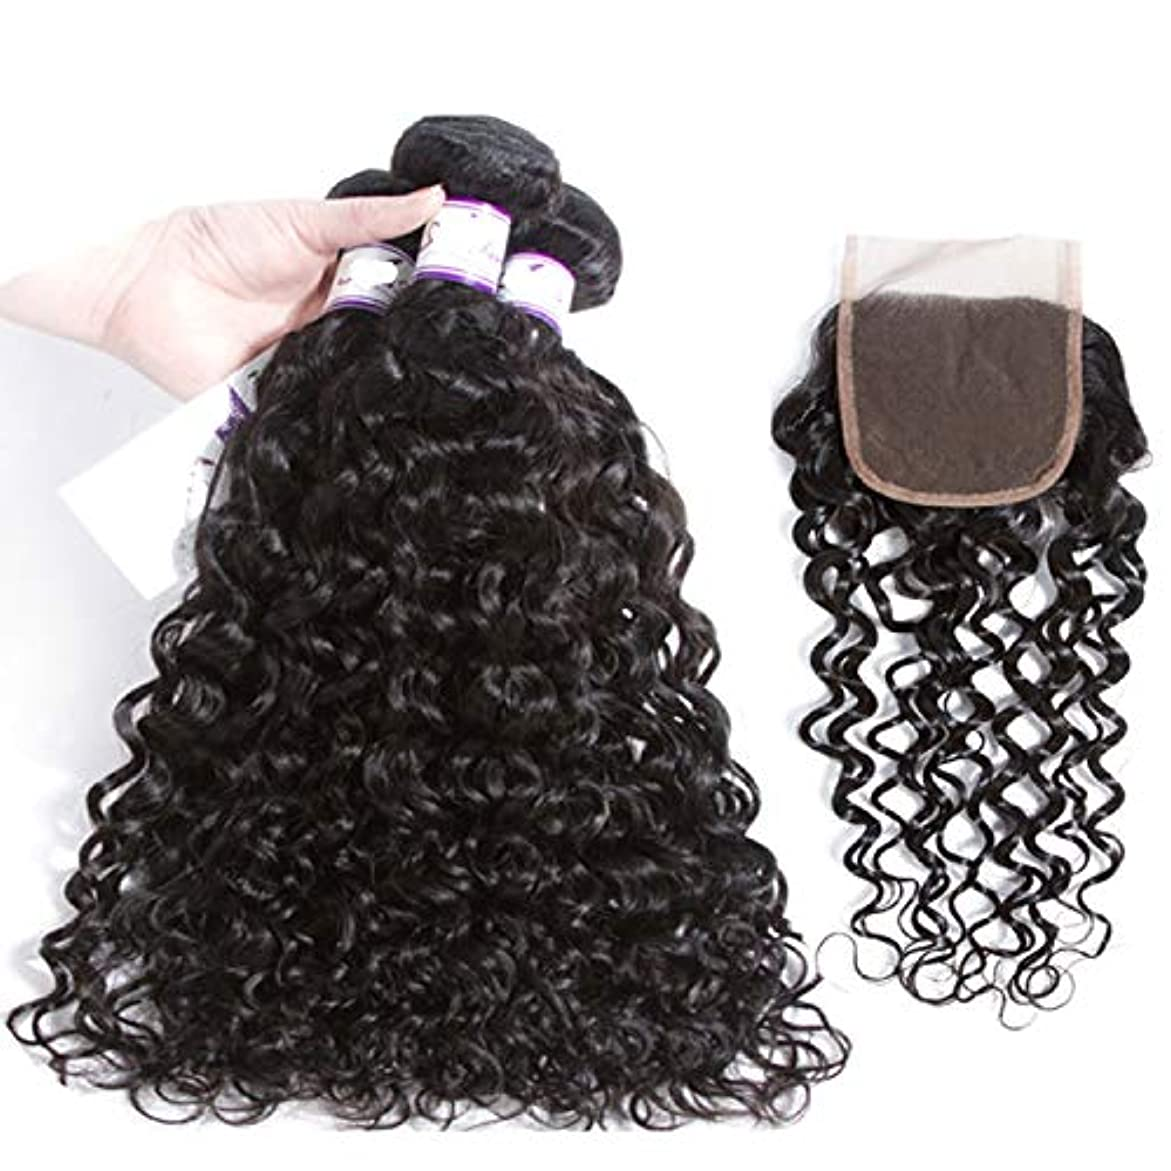 13 * 4閉鎖人間の髪の毛の波3バンドル人間の髪の毛の束 (Length : 18 18 18 Cl14, Part Design : FREE PART)